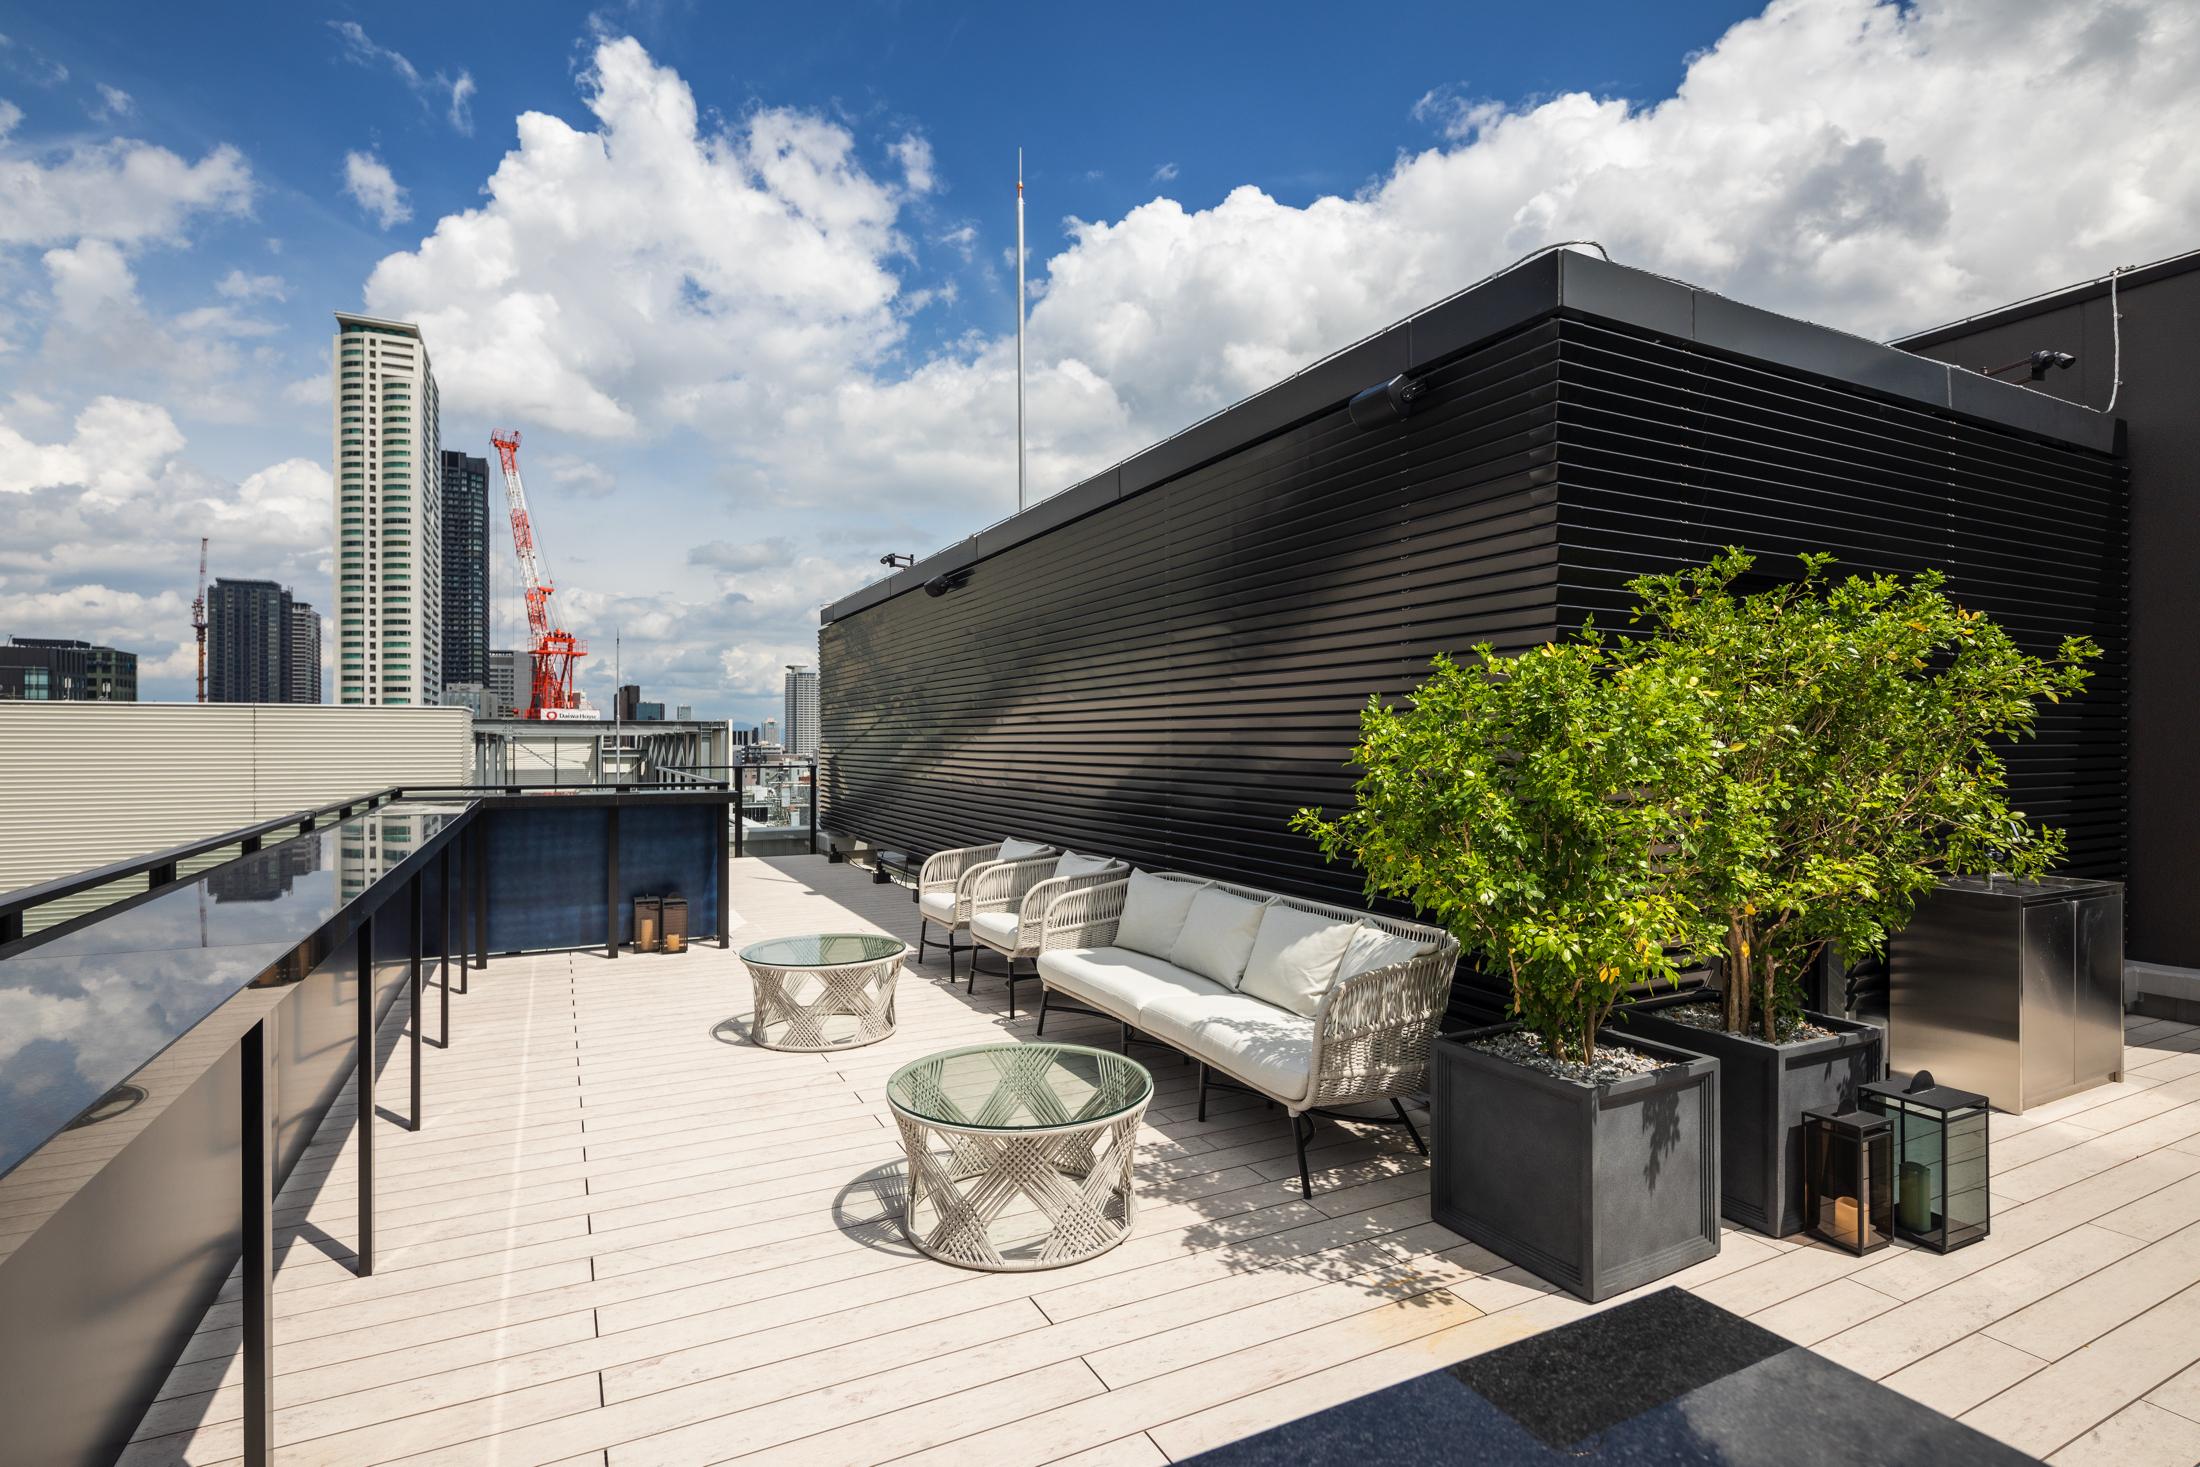 ザライブリー大阪本町 Roof Top(屋上)の室内の写真